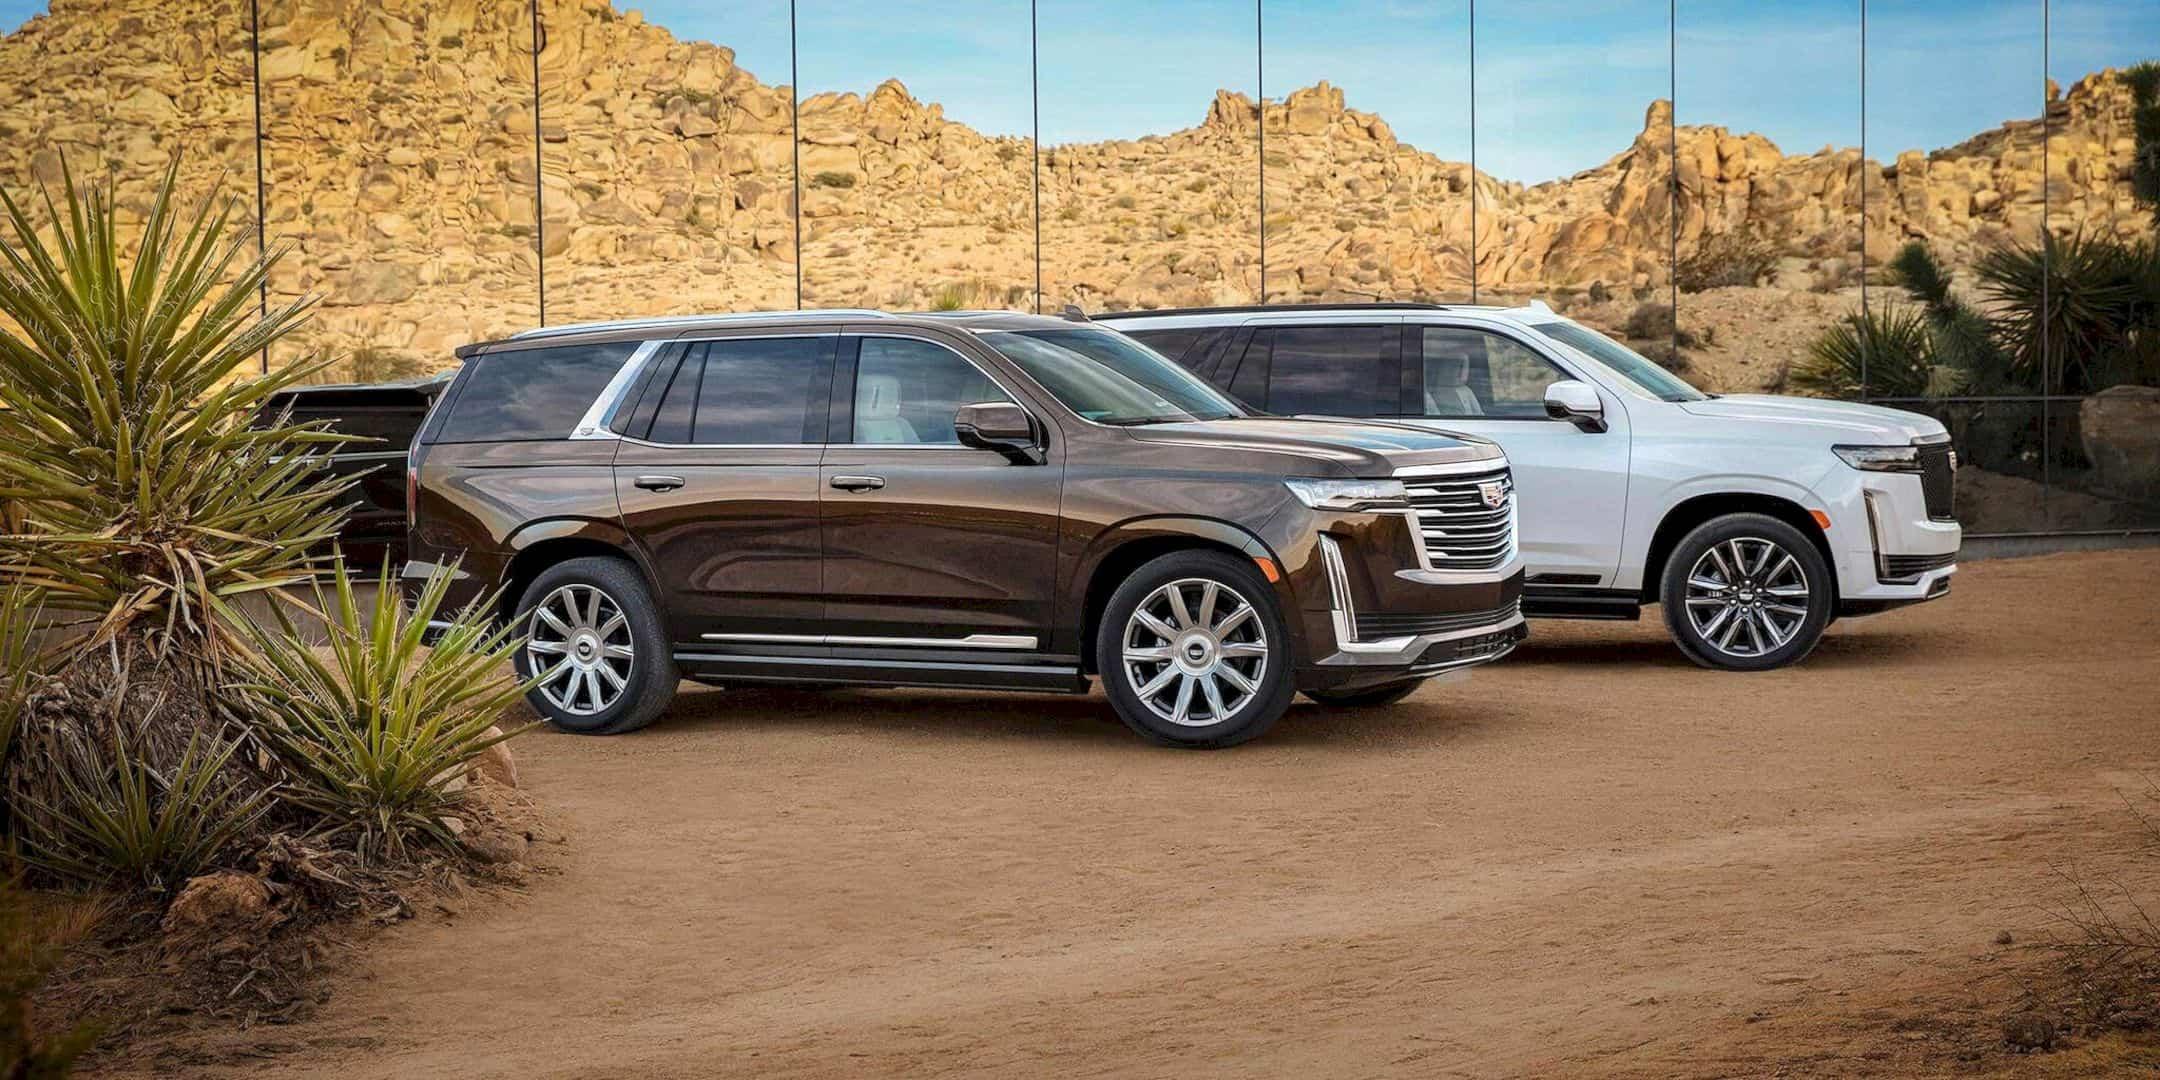 2021 Cadillac Escalade SUV 10